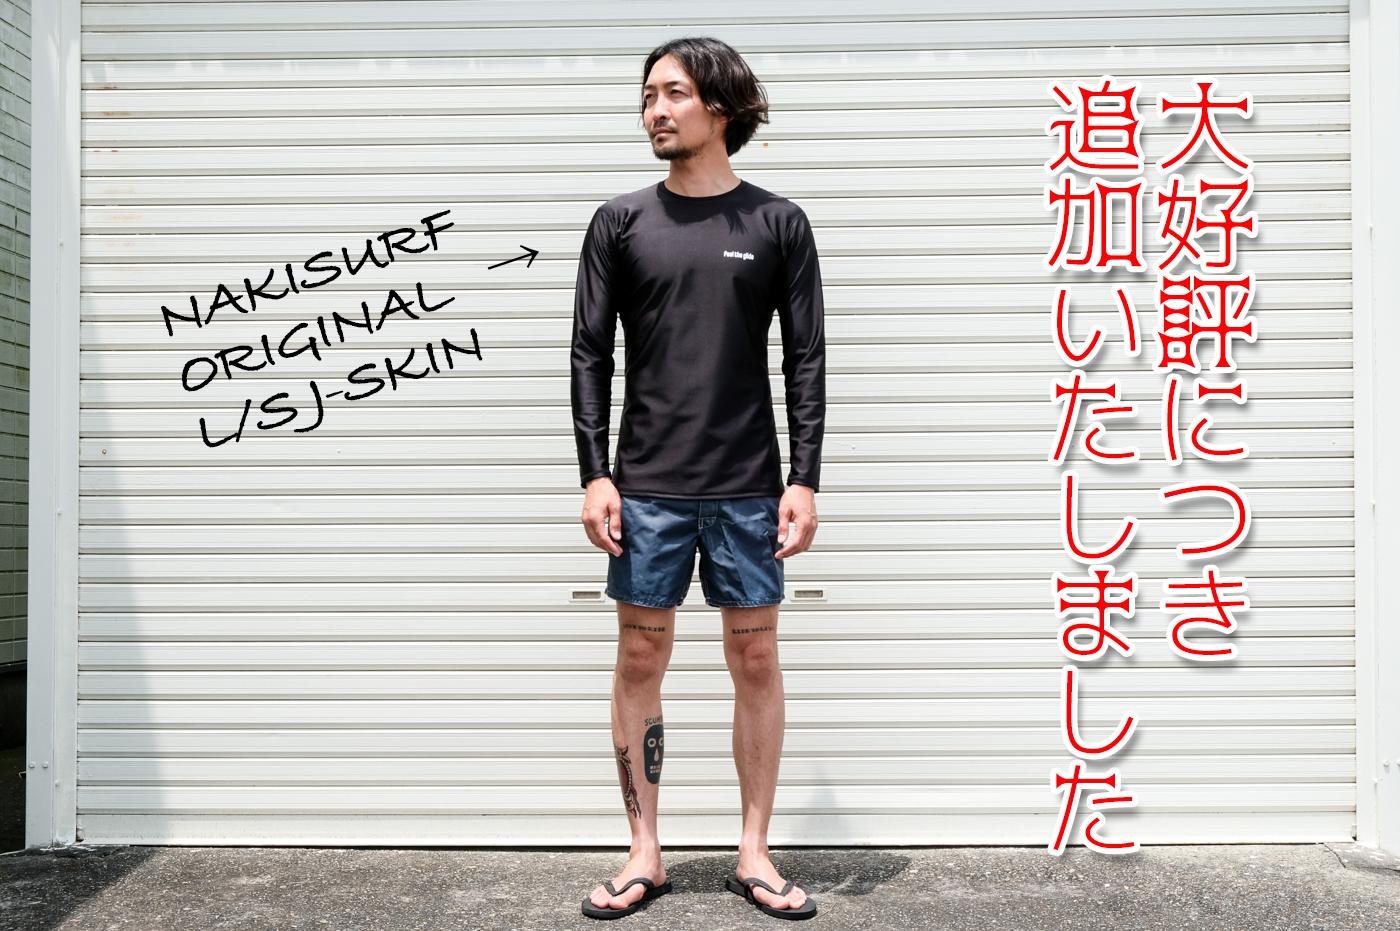 【最新アイテム】超ウルトラ耐水撥水J-SKINジャージを採用! 前回は即完売となったNAKISURFオリジナルL/Sサーフシャツが先行予約受付中!!